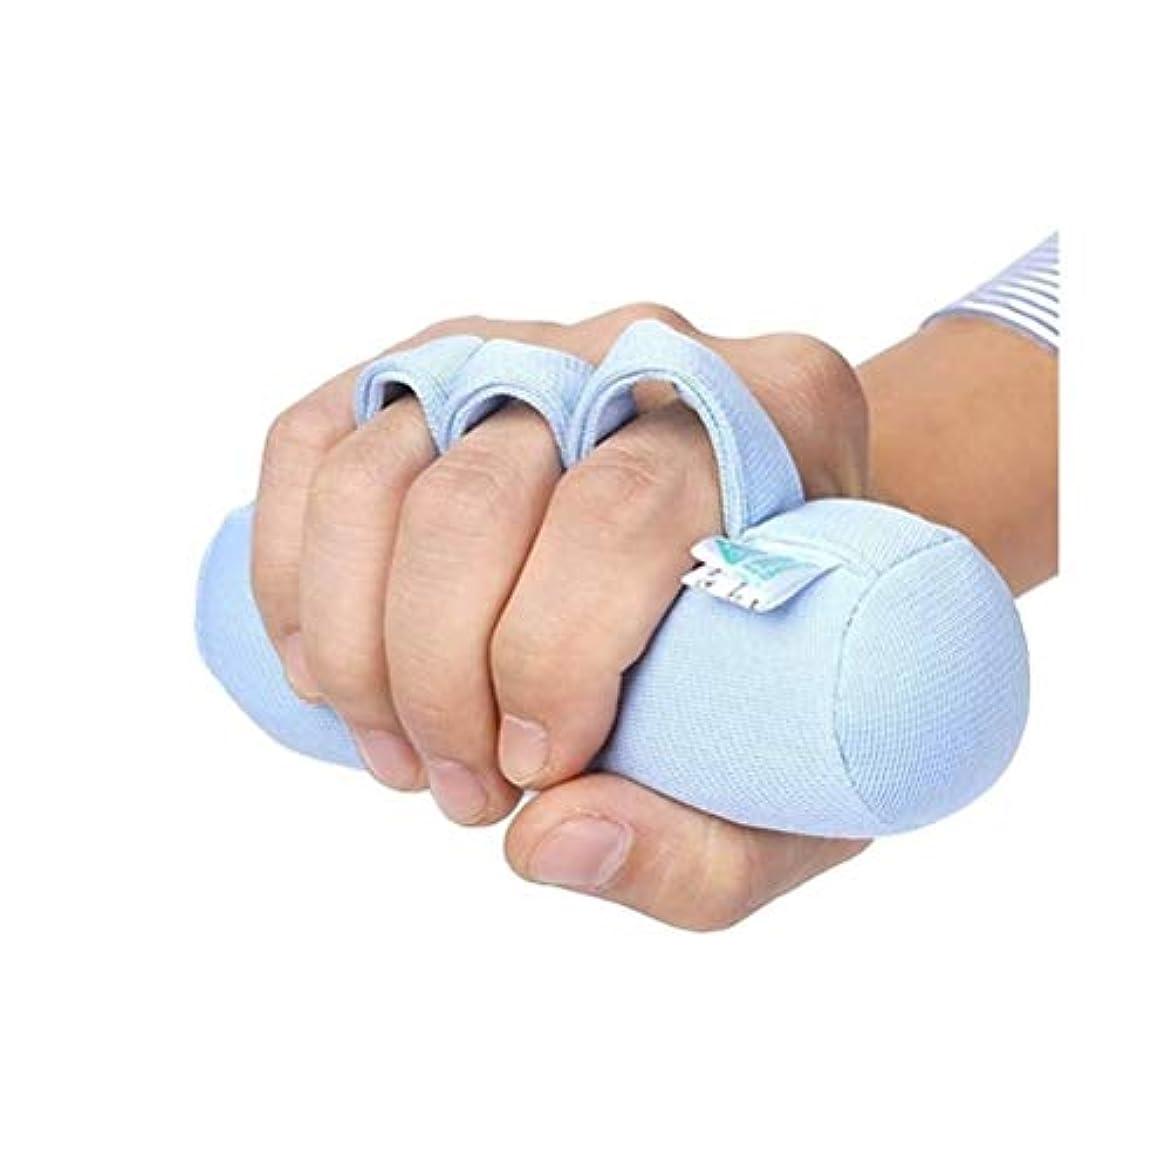 ラジエーター時刻表作曲家指セパレーターパームプロテクター、手拘縮装具、ソフトパームクッションのために、指セパレーターはベッドのためにくる病ハンド高齢者ケアを化膿指拘縮クッション防止の指は指セパレーションフィット右または左の手を傷